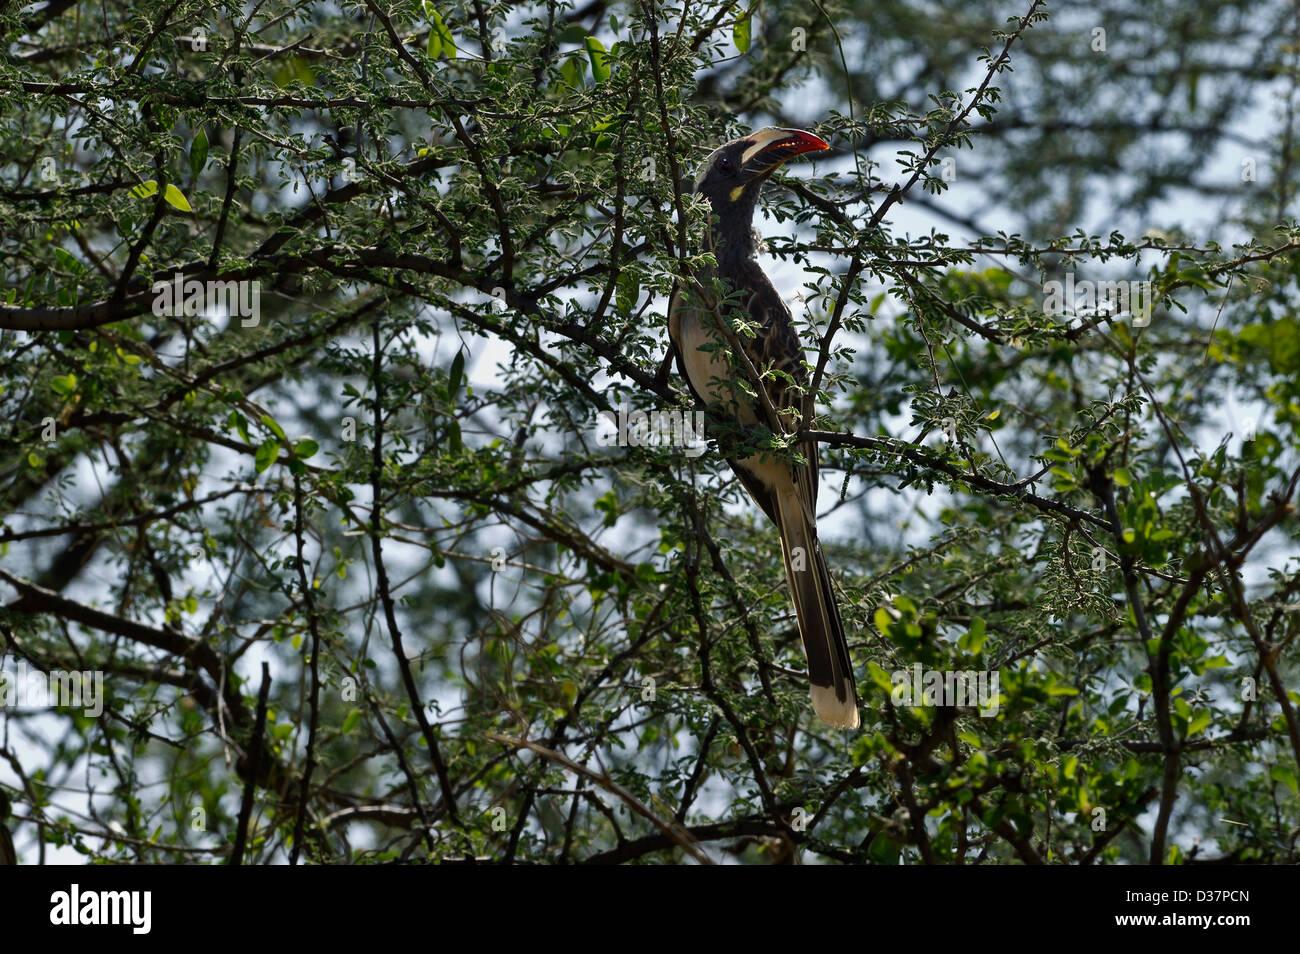 an African Grey Hornbill, Tockus nasutus, Awash NP, Ethiopia - Stock Image